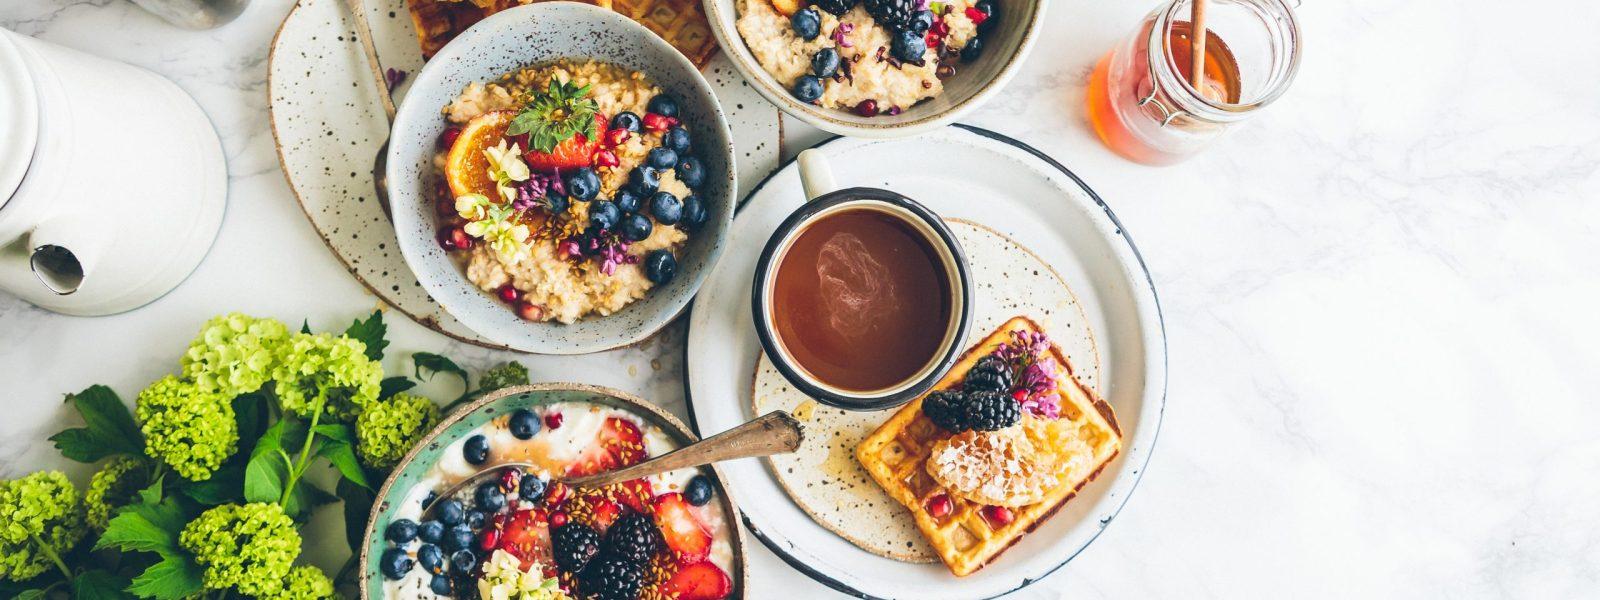 Ontbijt Maastricht: 10x beste spots voor ontbijt en brunch